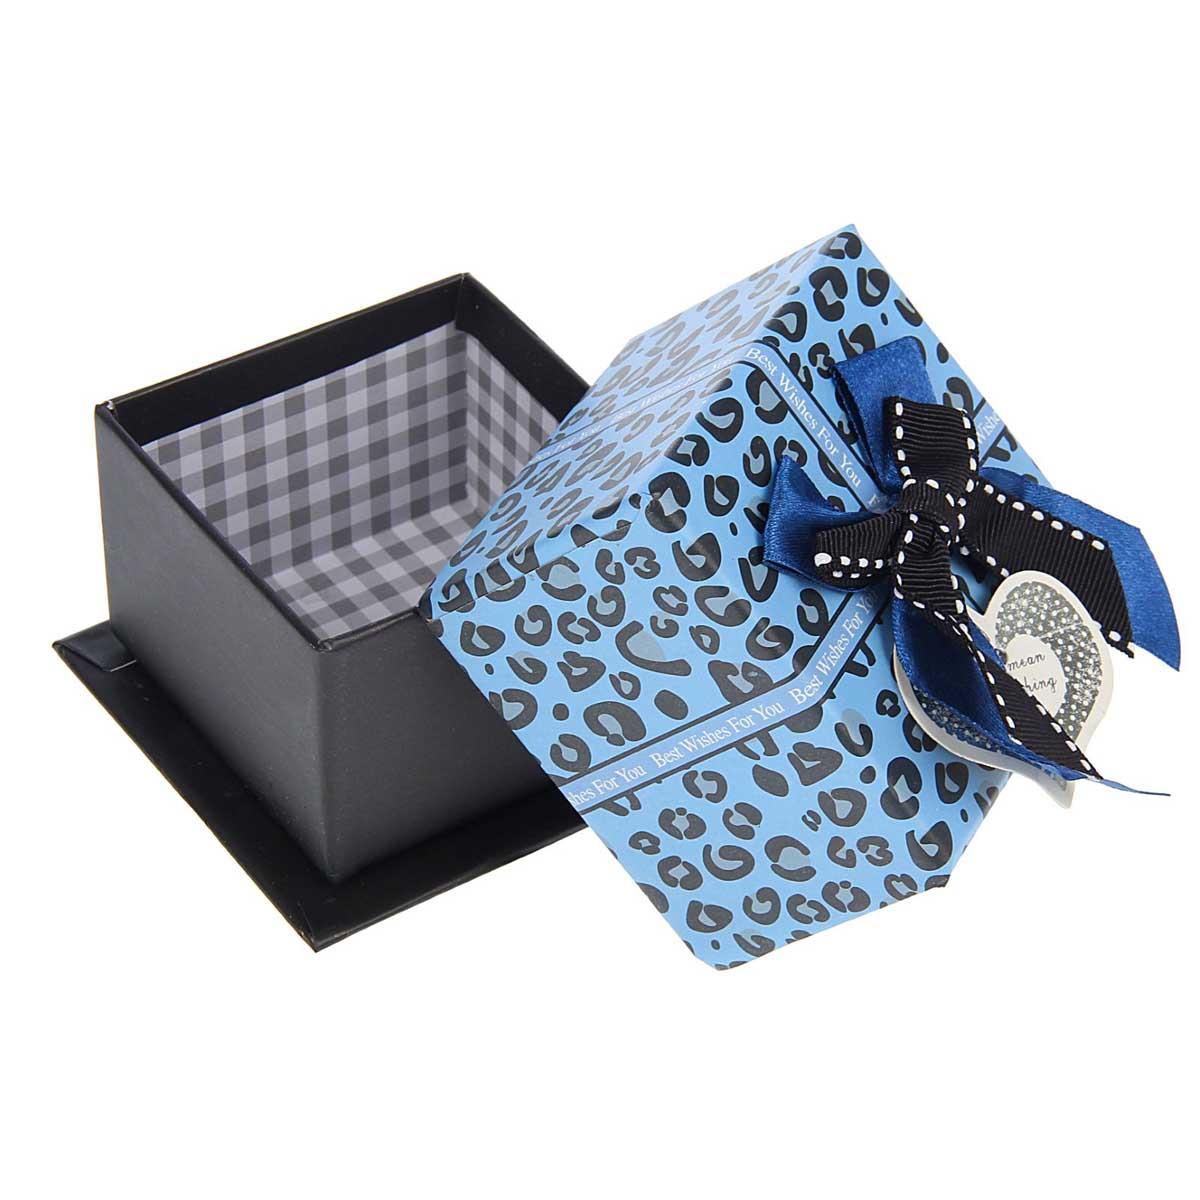 1534065 Коробка подарочная квадрат 8,5 х 8,5 х 5,5 см 'Кружочки', цвет синий